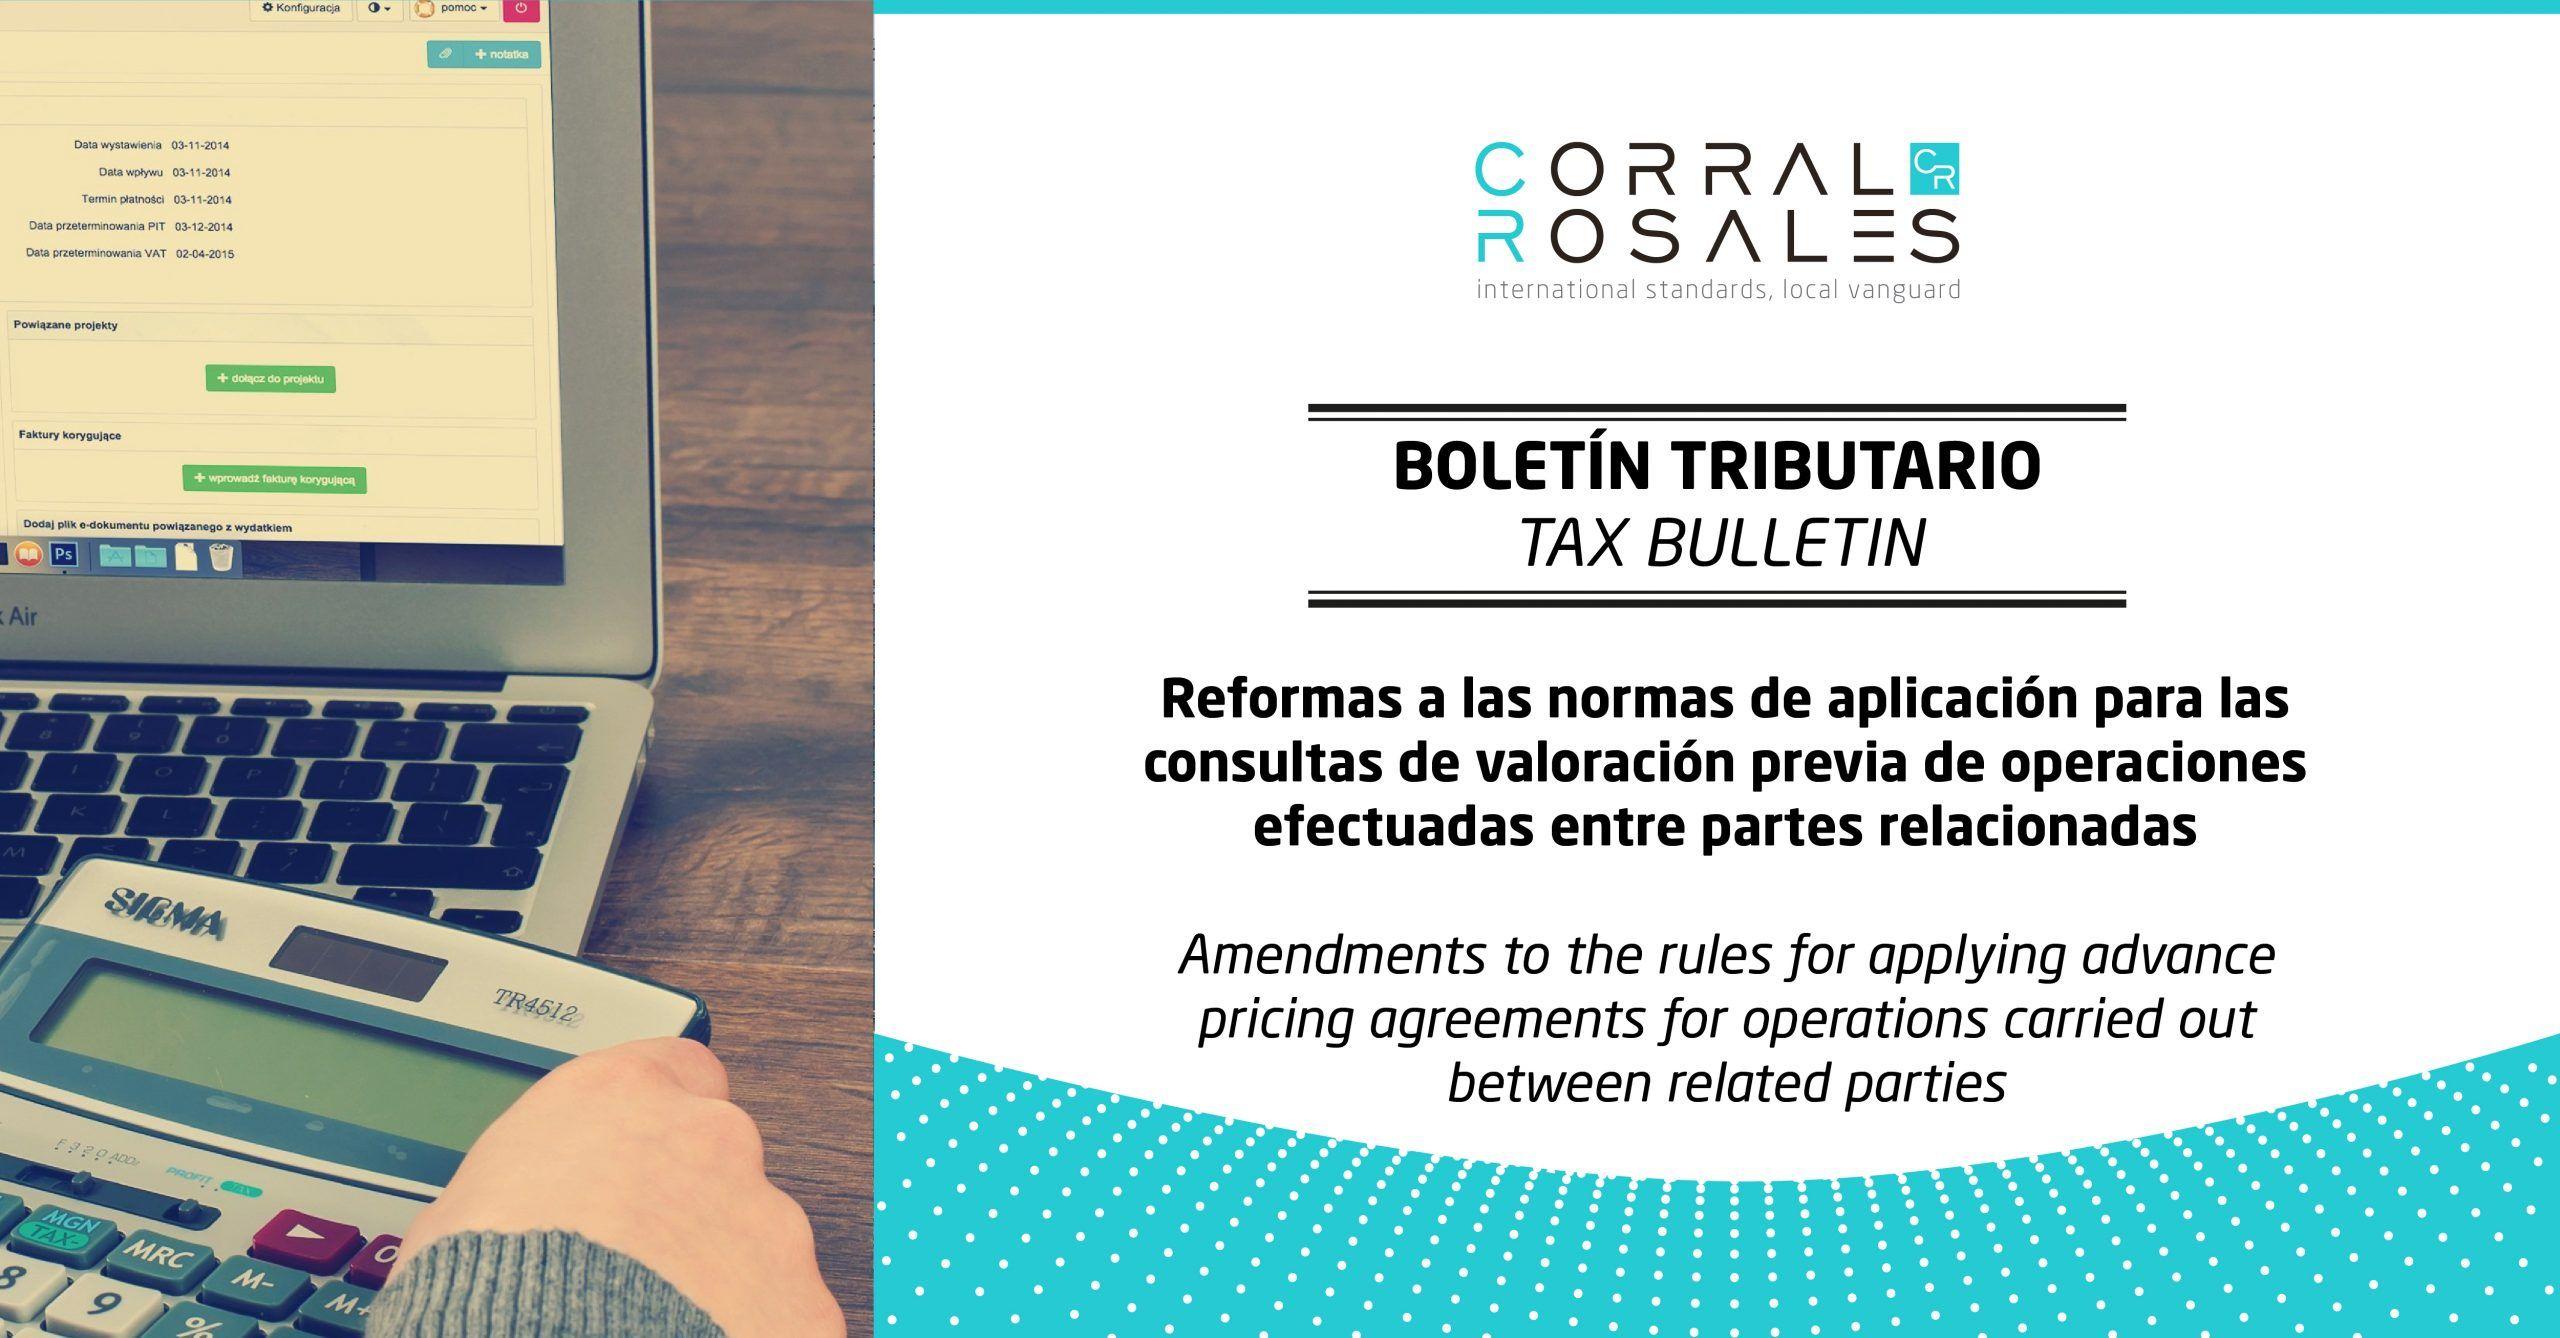 reformas-a-las-normas-de-aplicacion-para-las-consultas-de-valoracion-previa-de-operaciones-efectuadas-entre-partes-relacionadas-corralrosales-abogados-ecuador